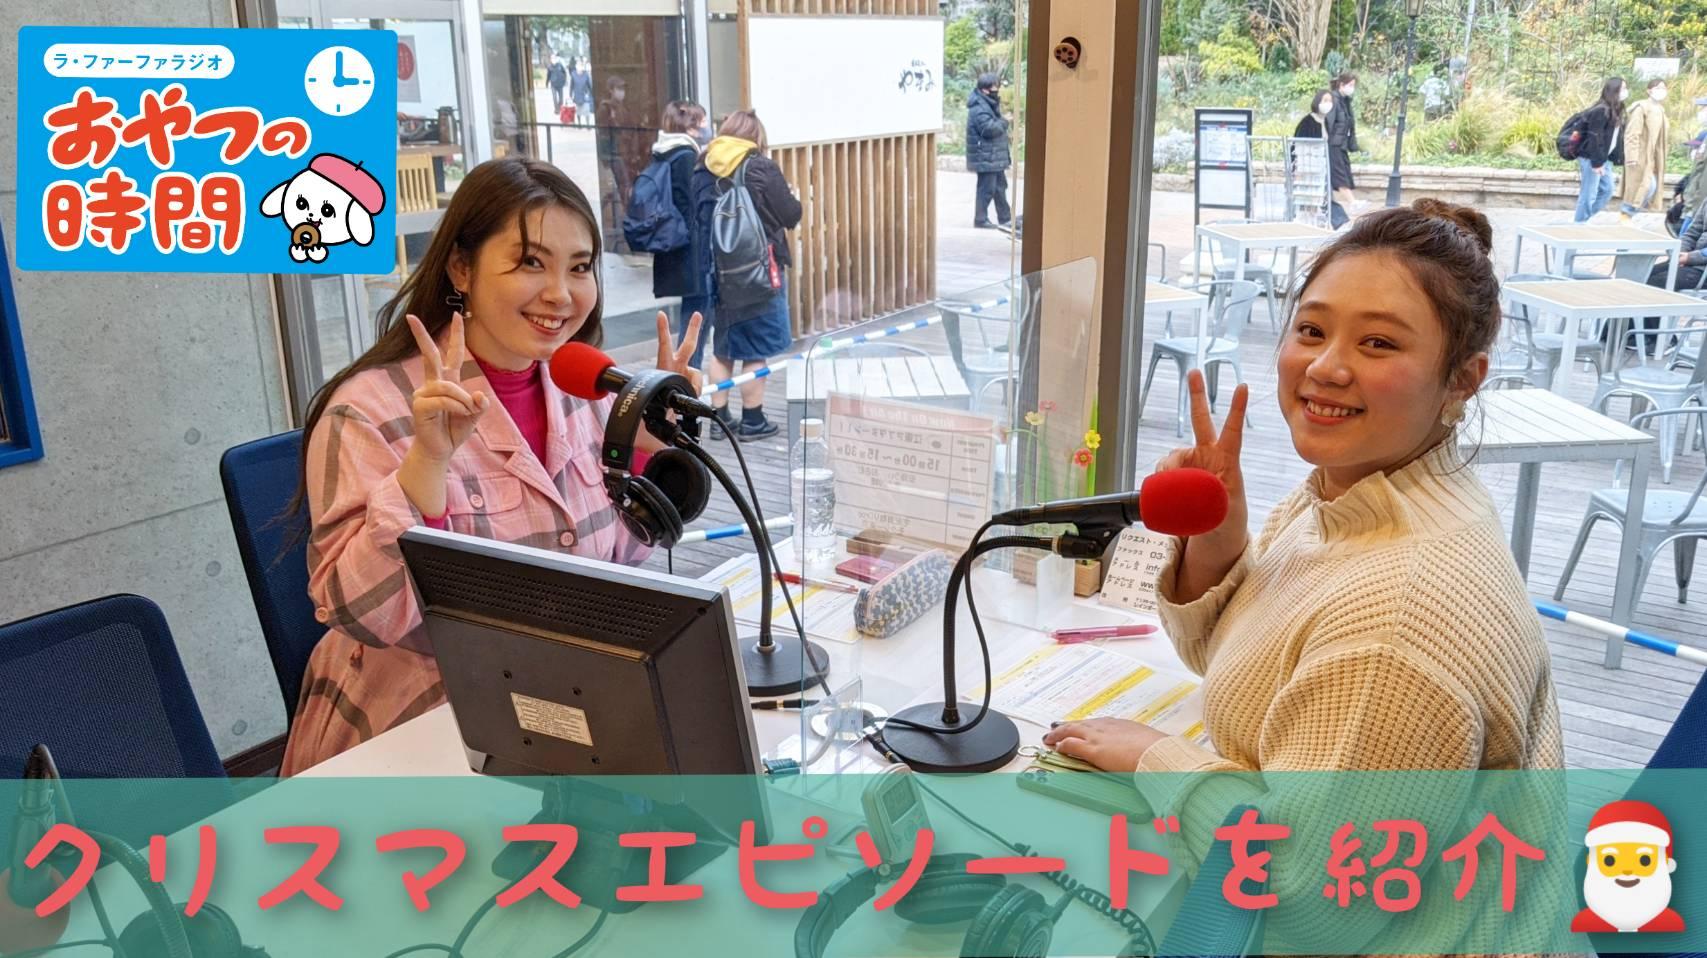 【動画あり】『ラファーファラジオ おやつの時間』#3(12/13放送分)